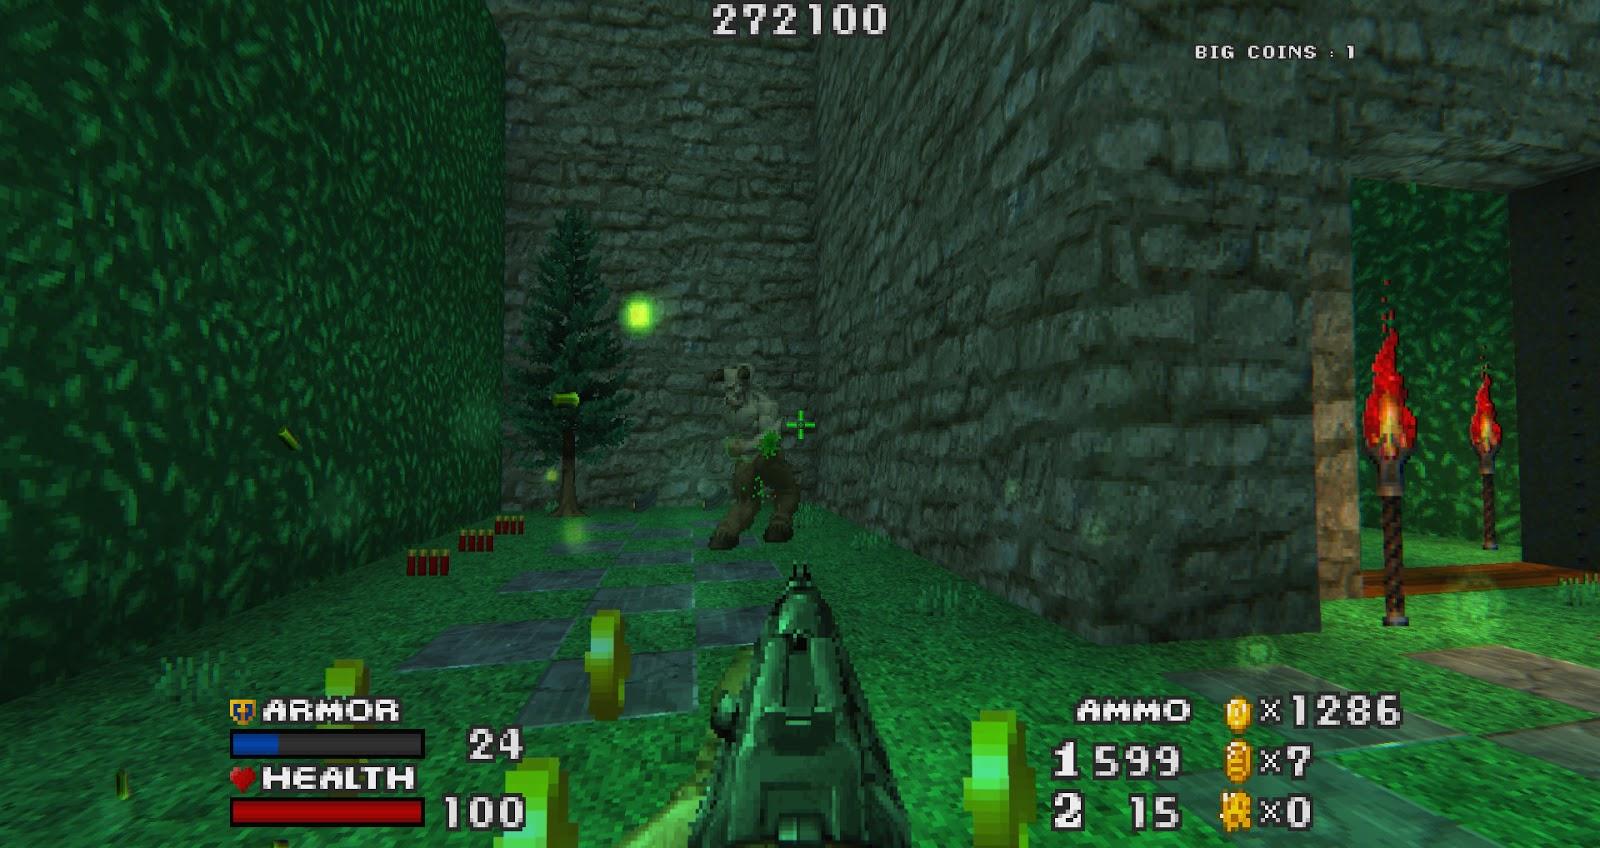 Review - DOOM - THE GOLDEN SOULS 2 - The toughest FPS-platformer mod